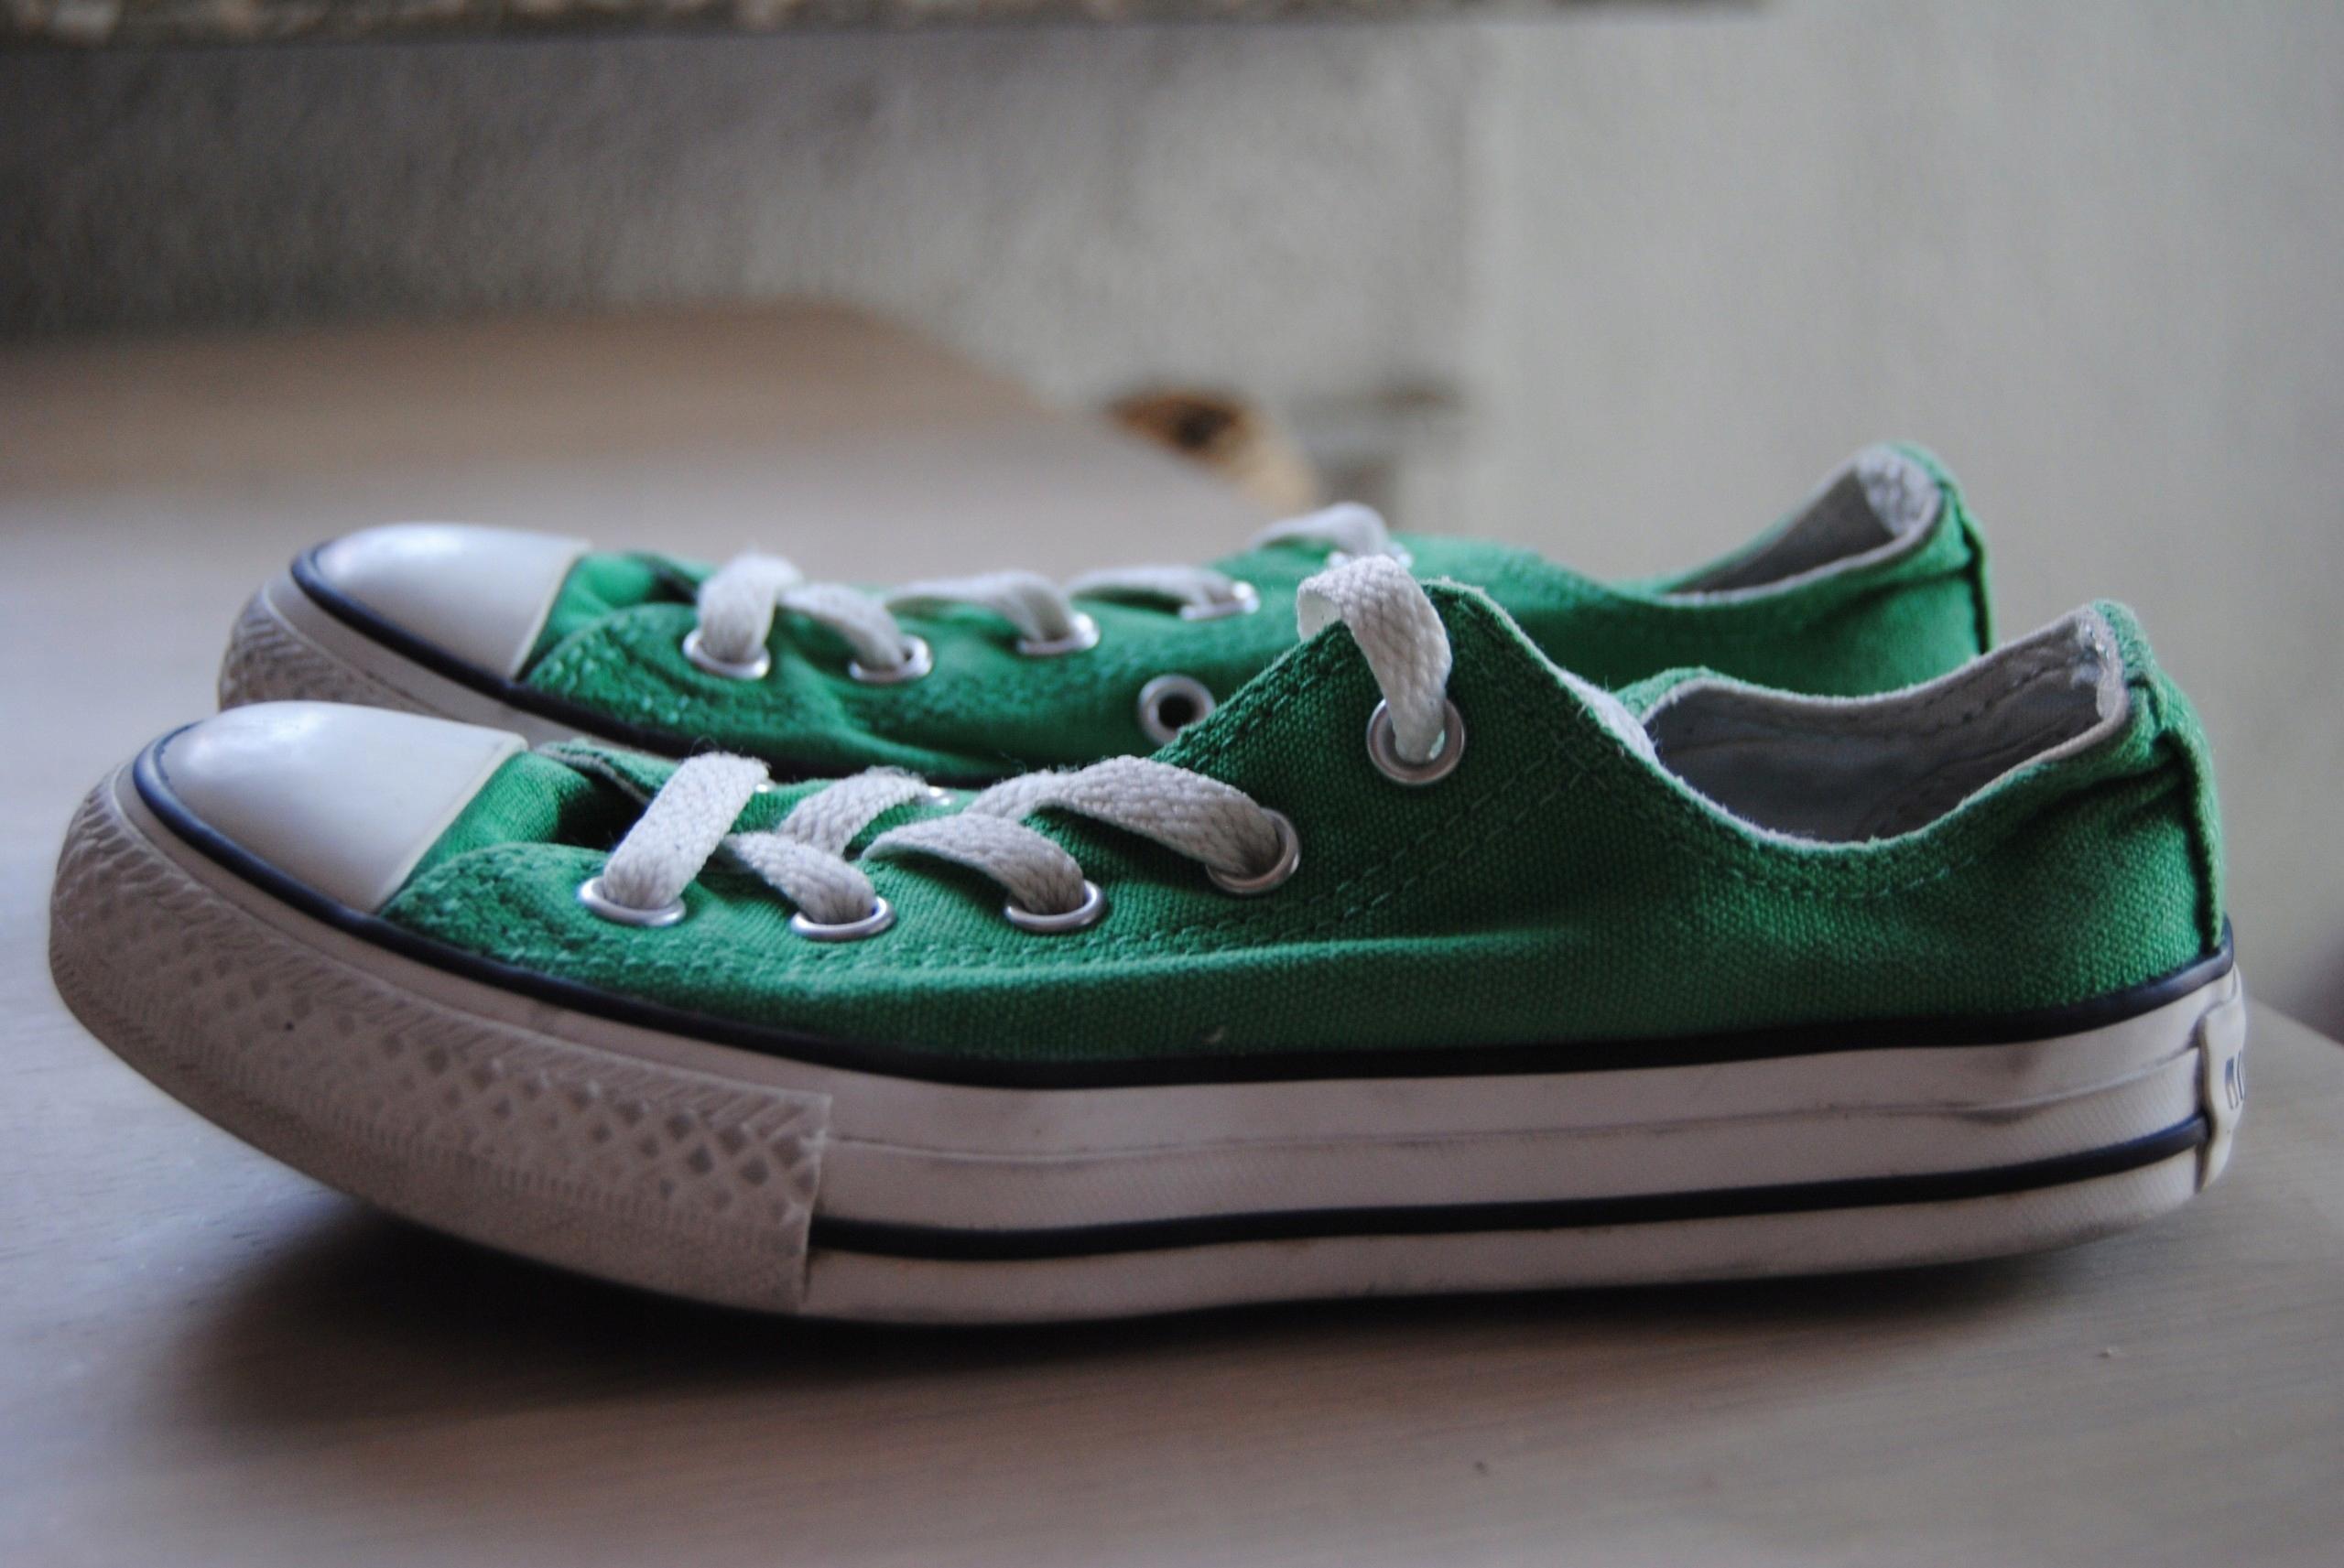 6be16b9d4b6c0 buty Converse zielone okazja 31,5 All star - 7507580060 - oficjalne ...